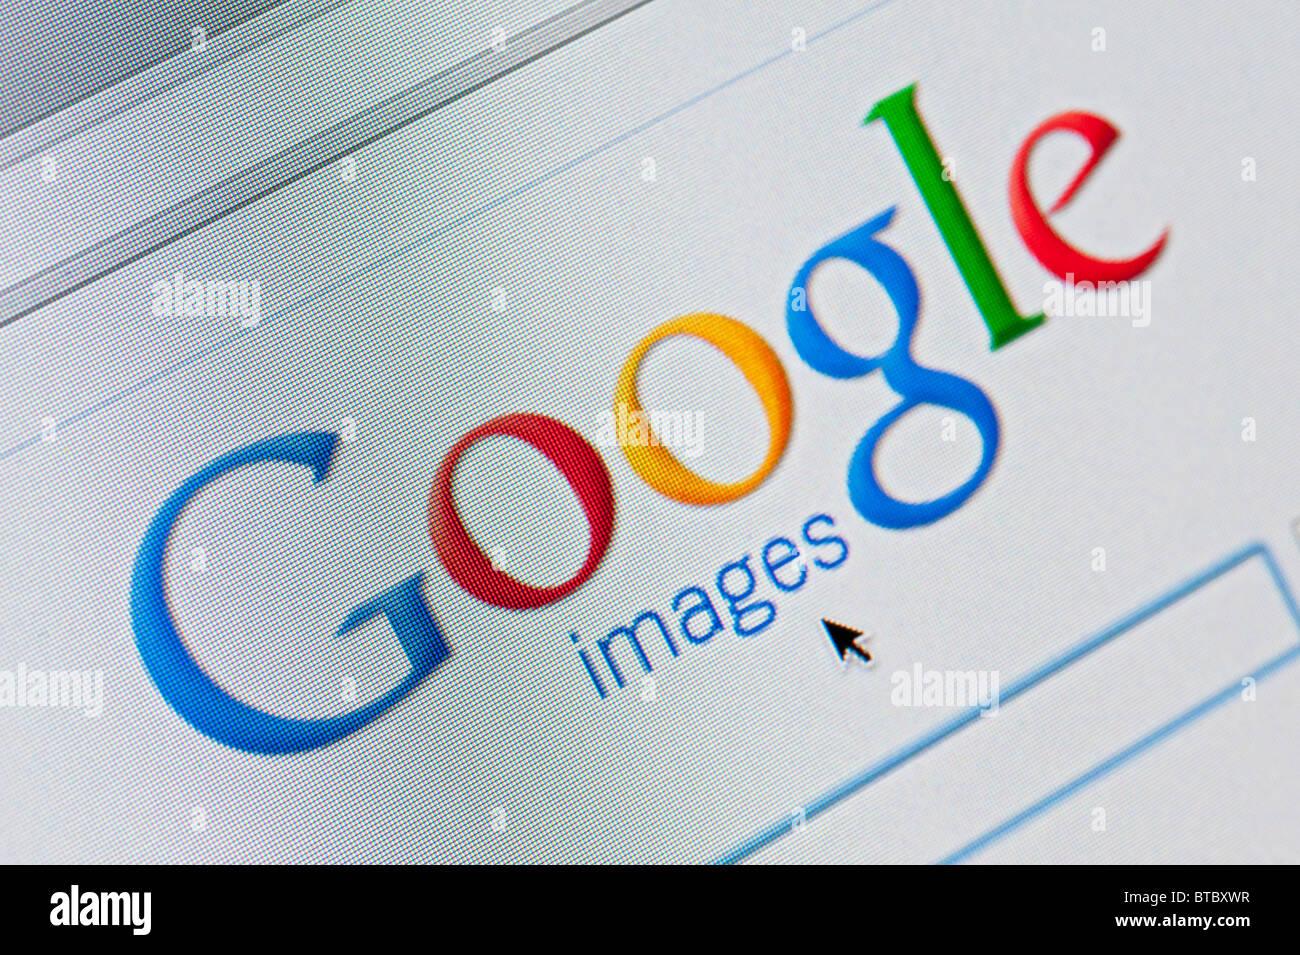 Screenshot von Homepage der Google Bilder Suche website Stockbild